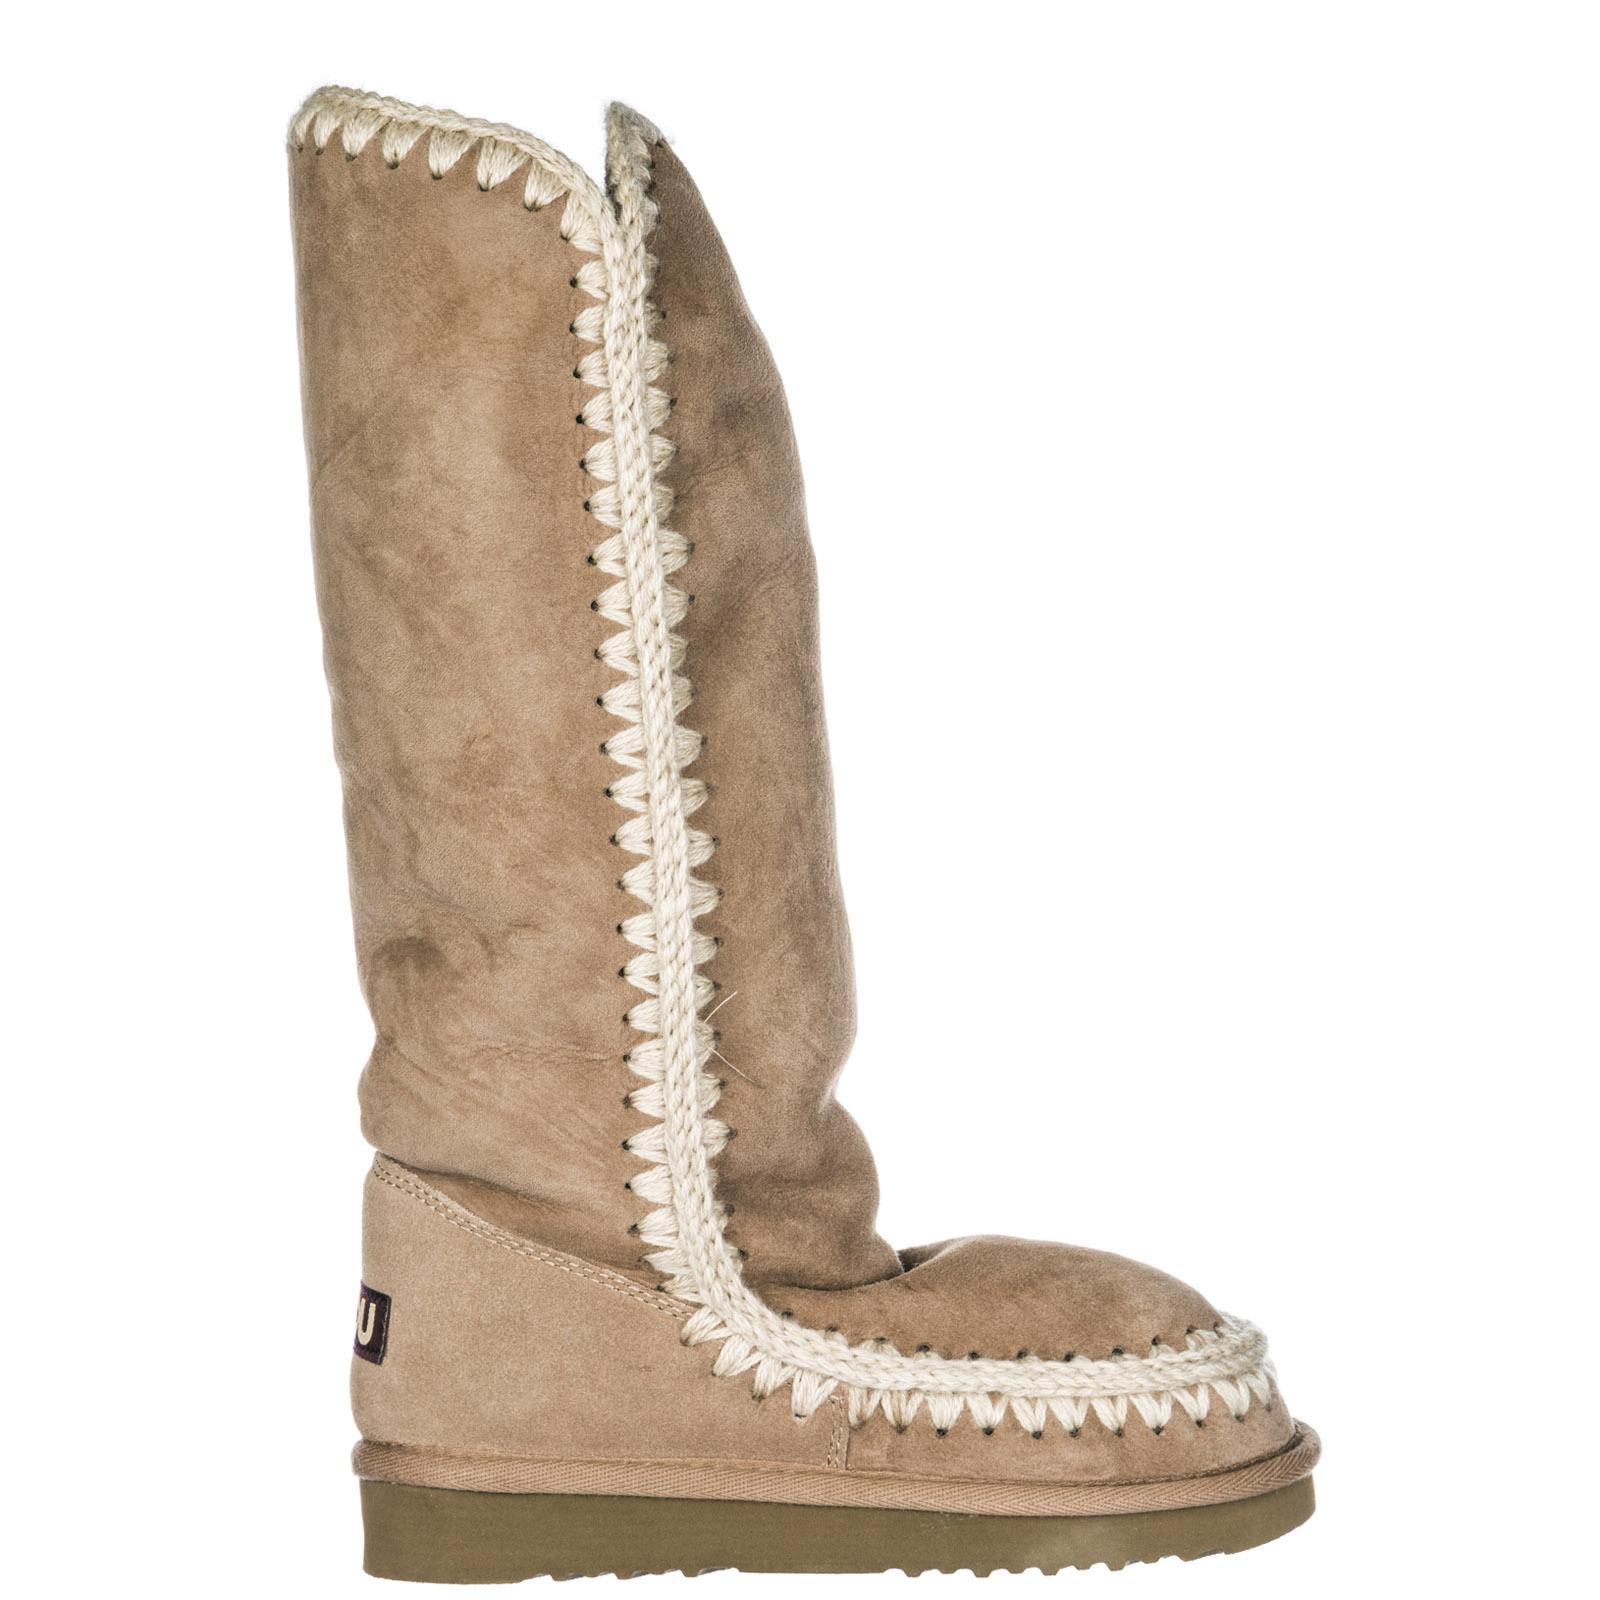 migliori scarpe da ginnastica 58610 35f41 Stivali donna in camoscio eskimo 40